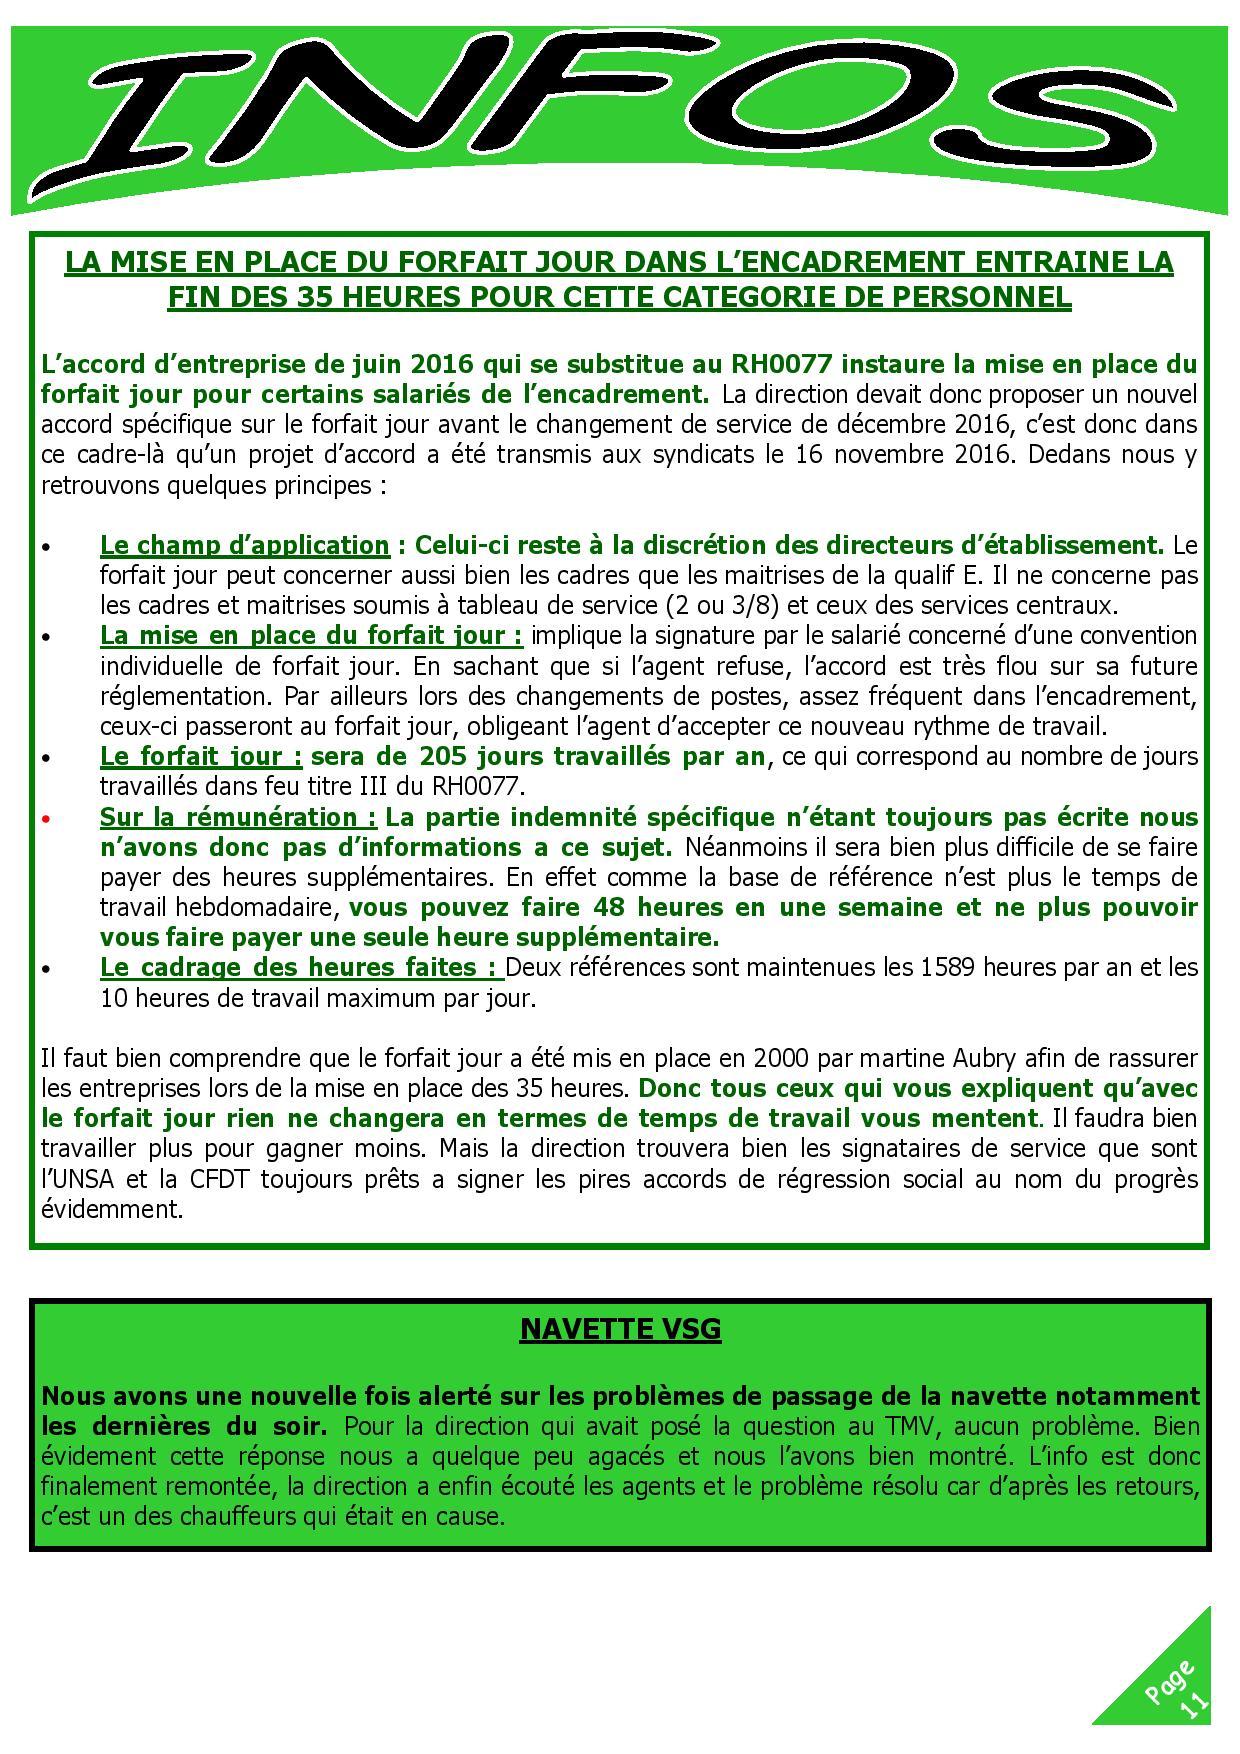 et-pse-crdp-11-2016-page-011